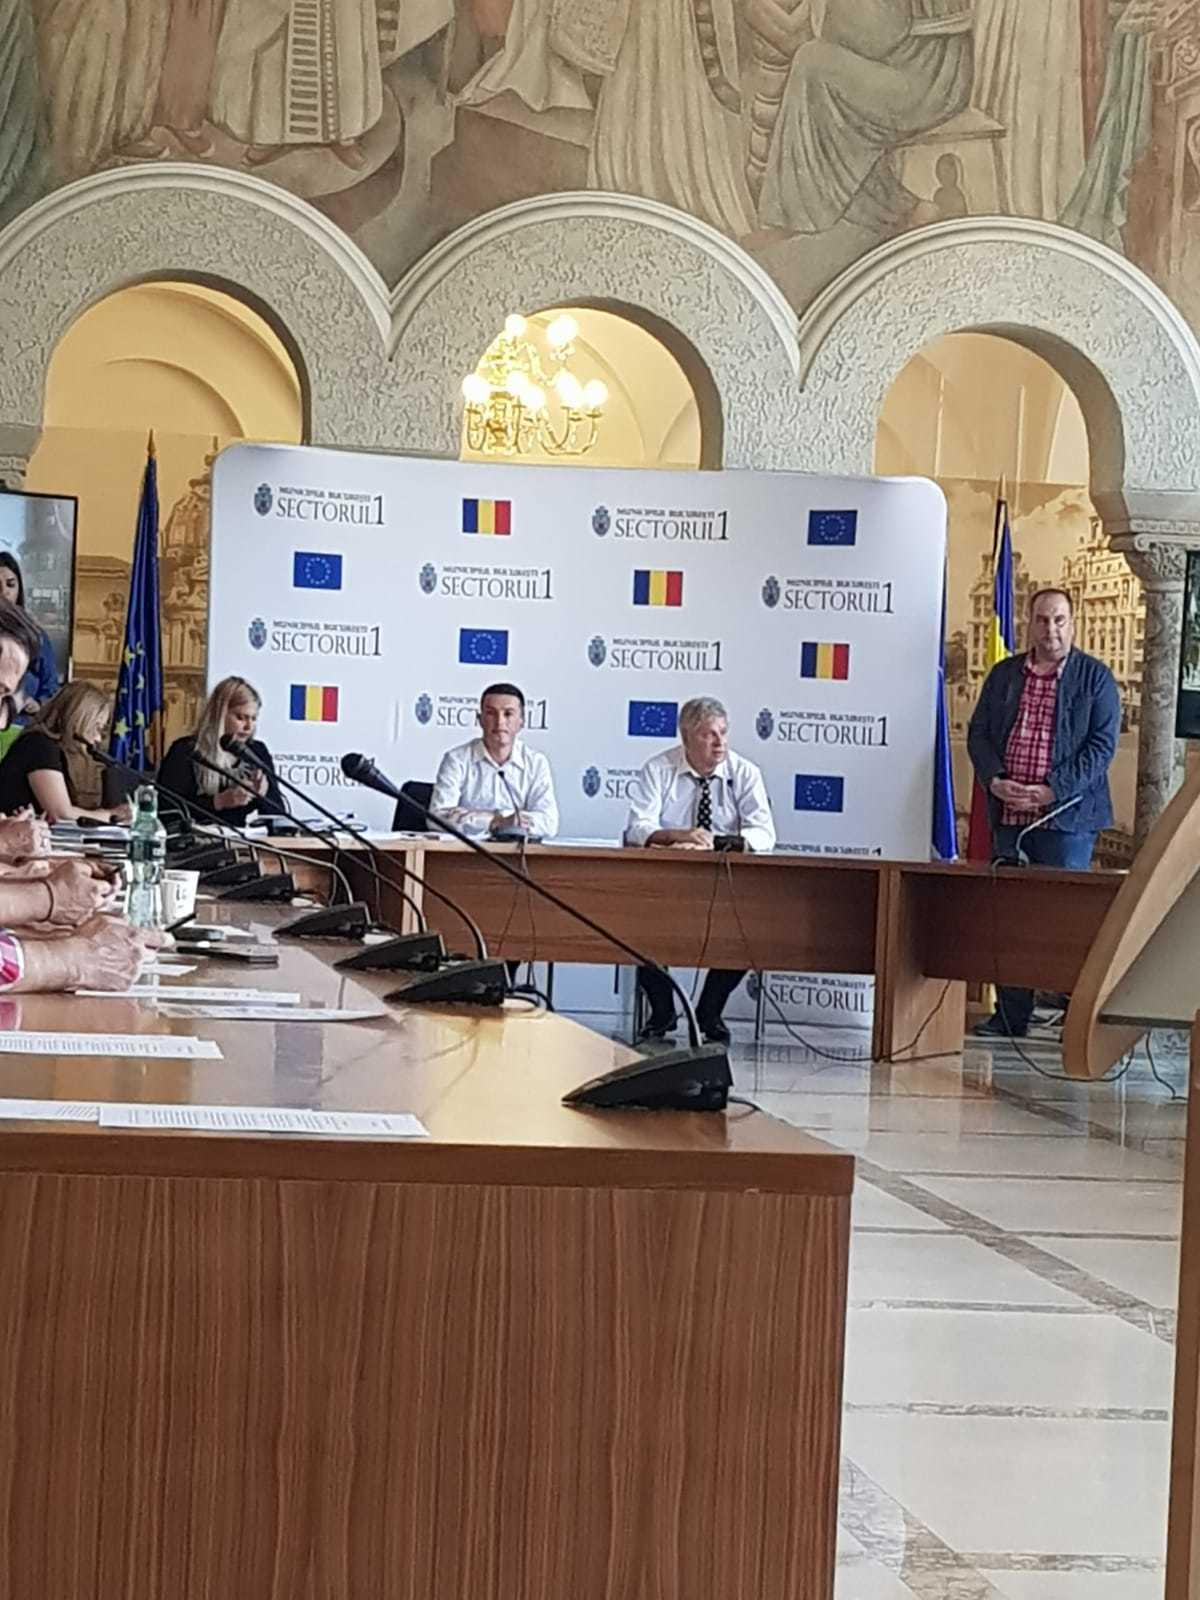 Ședință cu scandal a Consiliului Local al Sectorului 1 Membrii PSD vin să ceară bani publici pentru proiecte personale